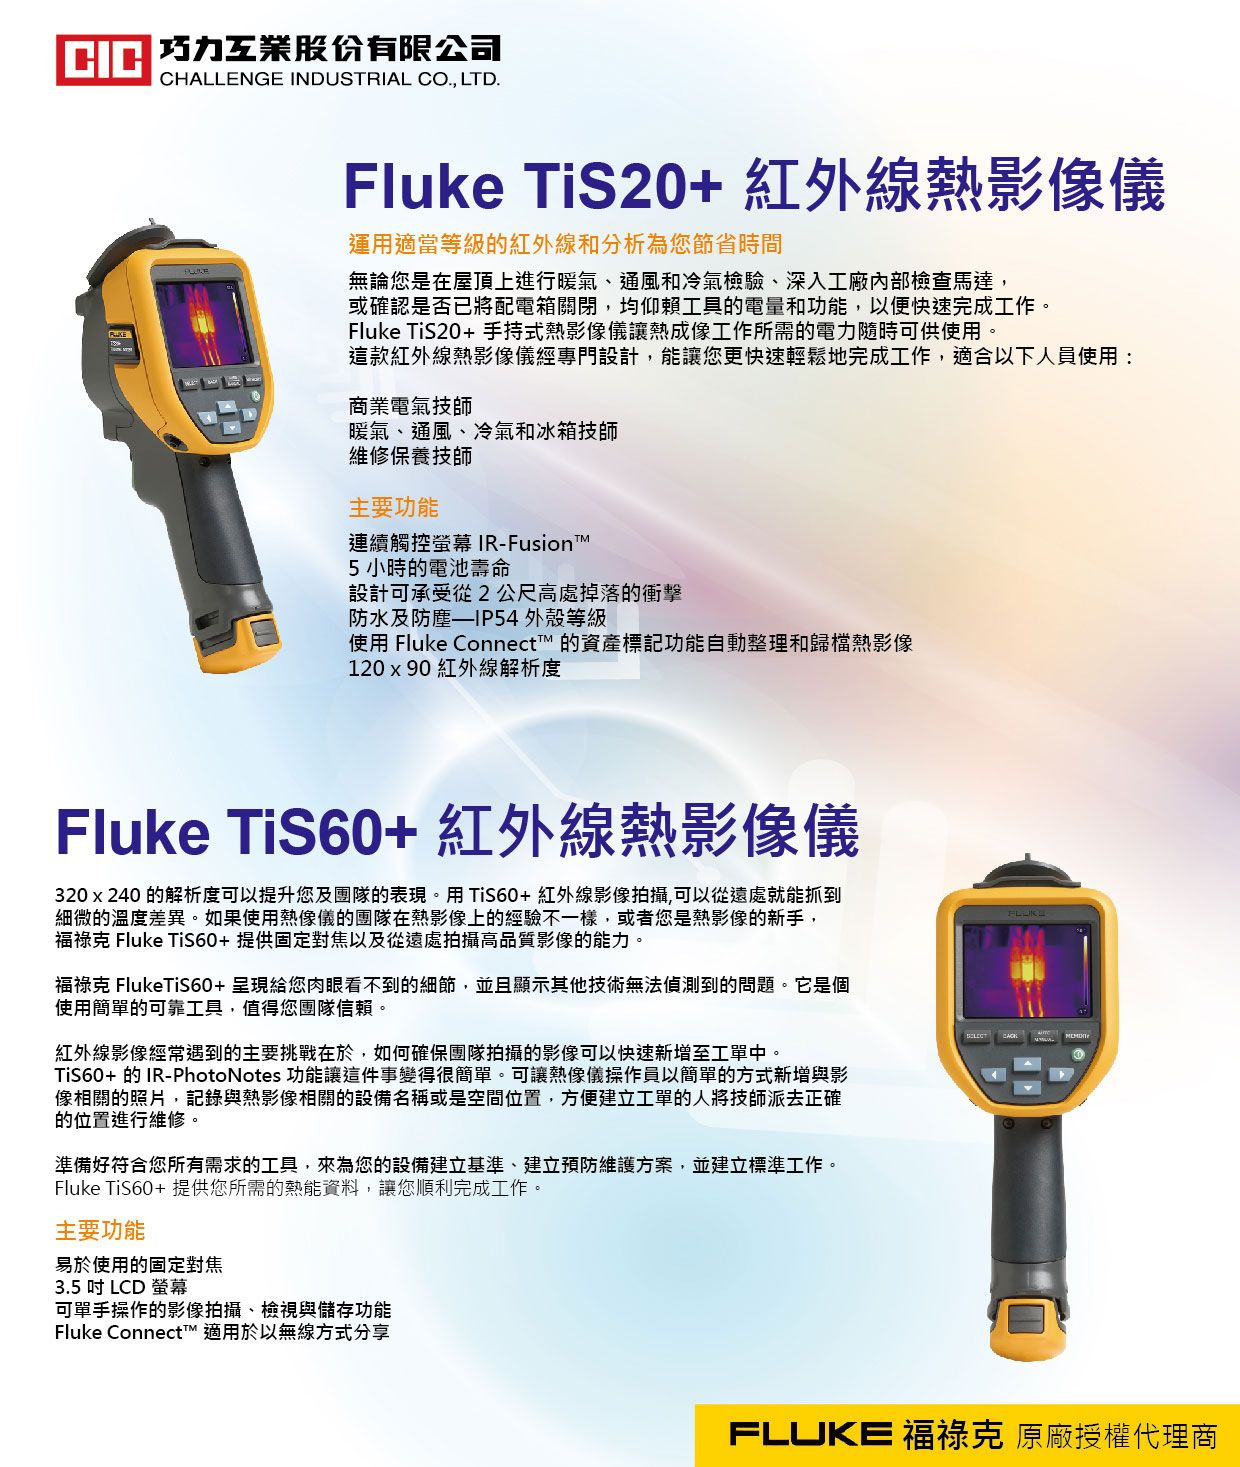 Fluke TiS20+ 及TiS60+ 手持式熱影像儀